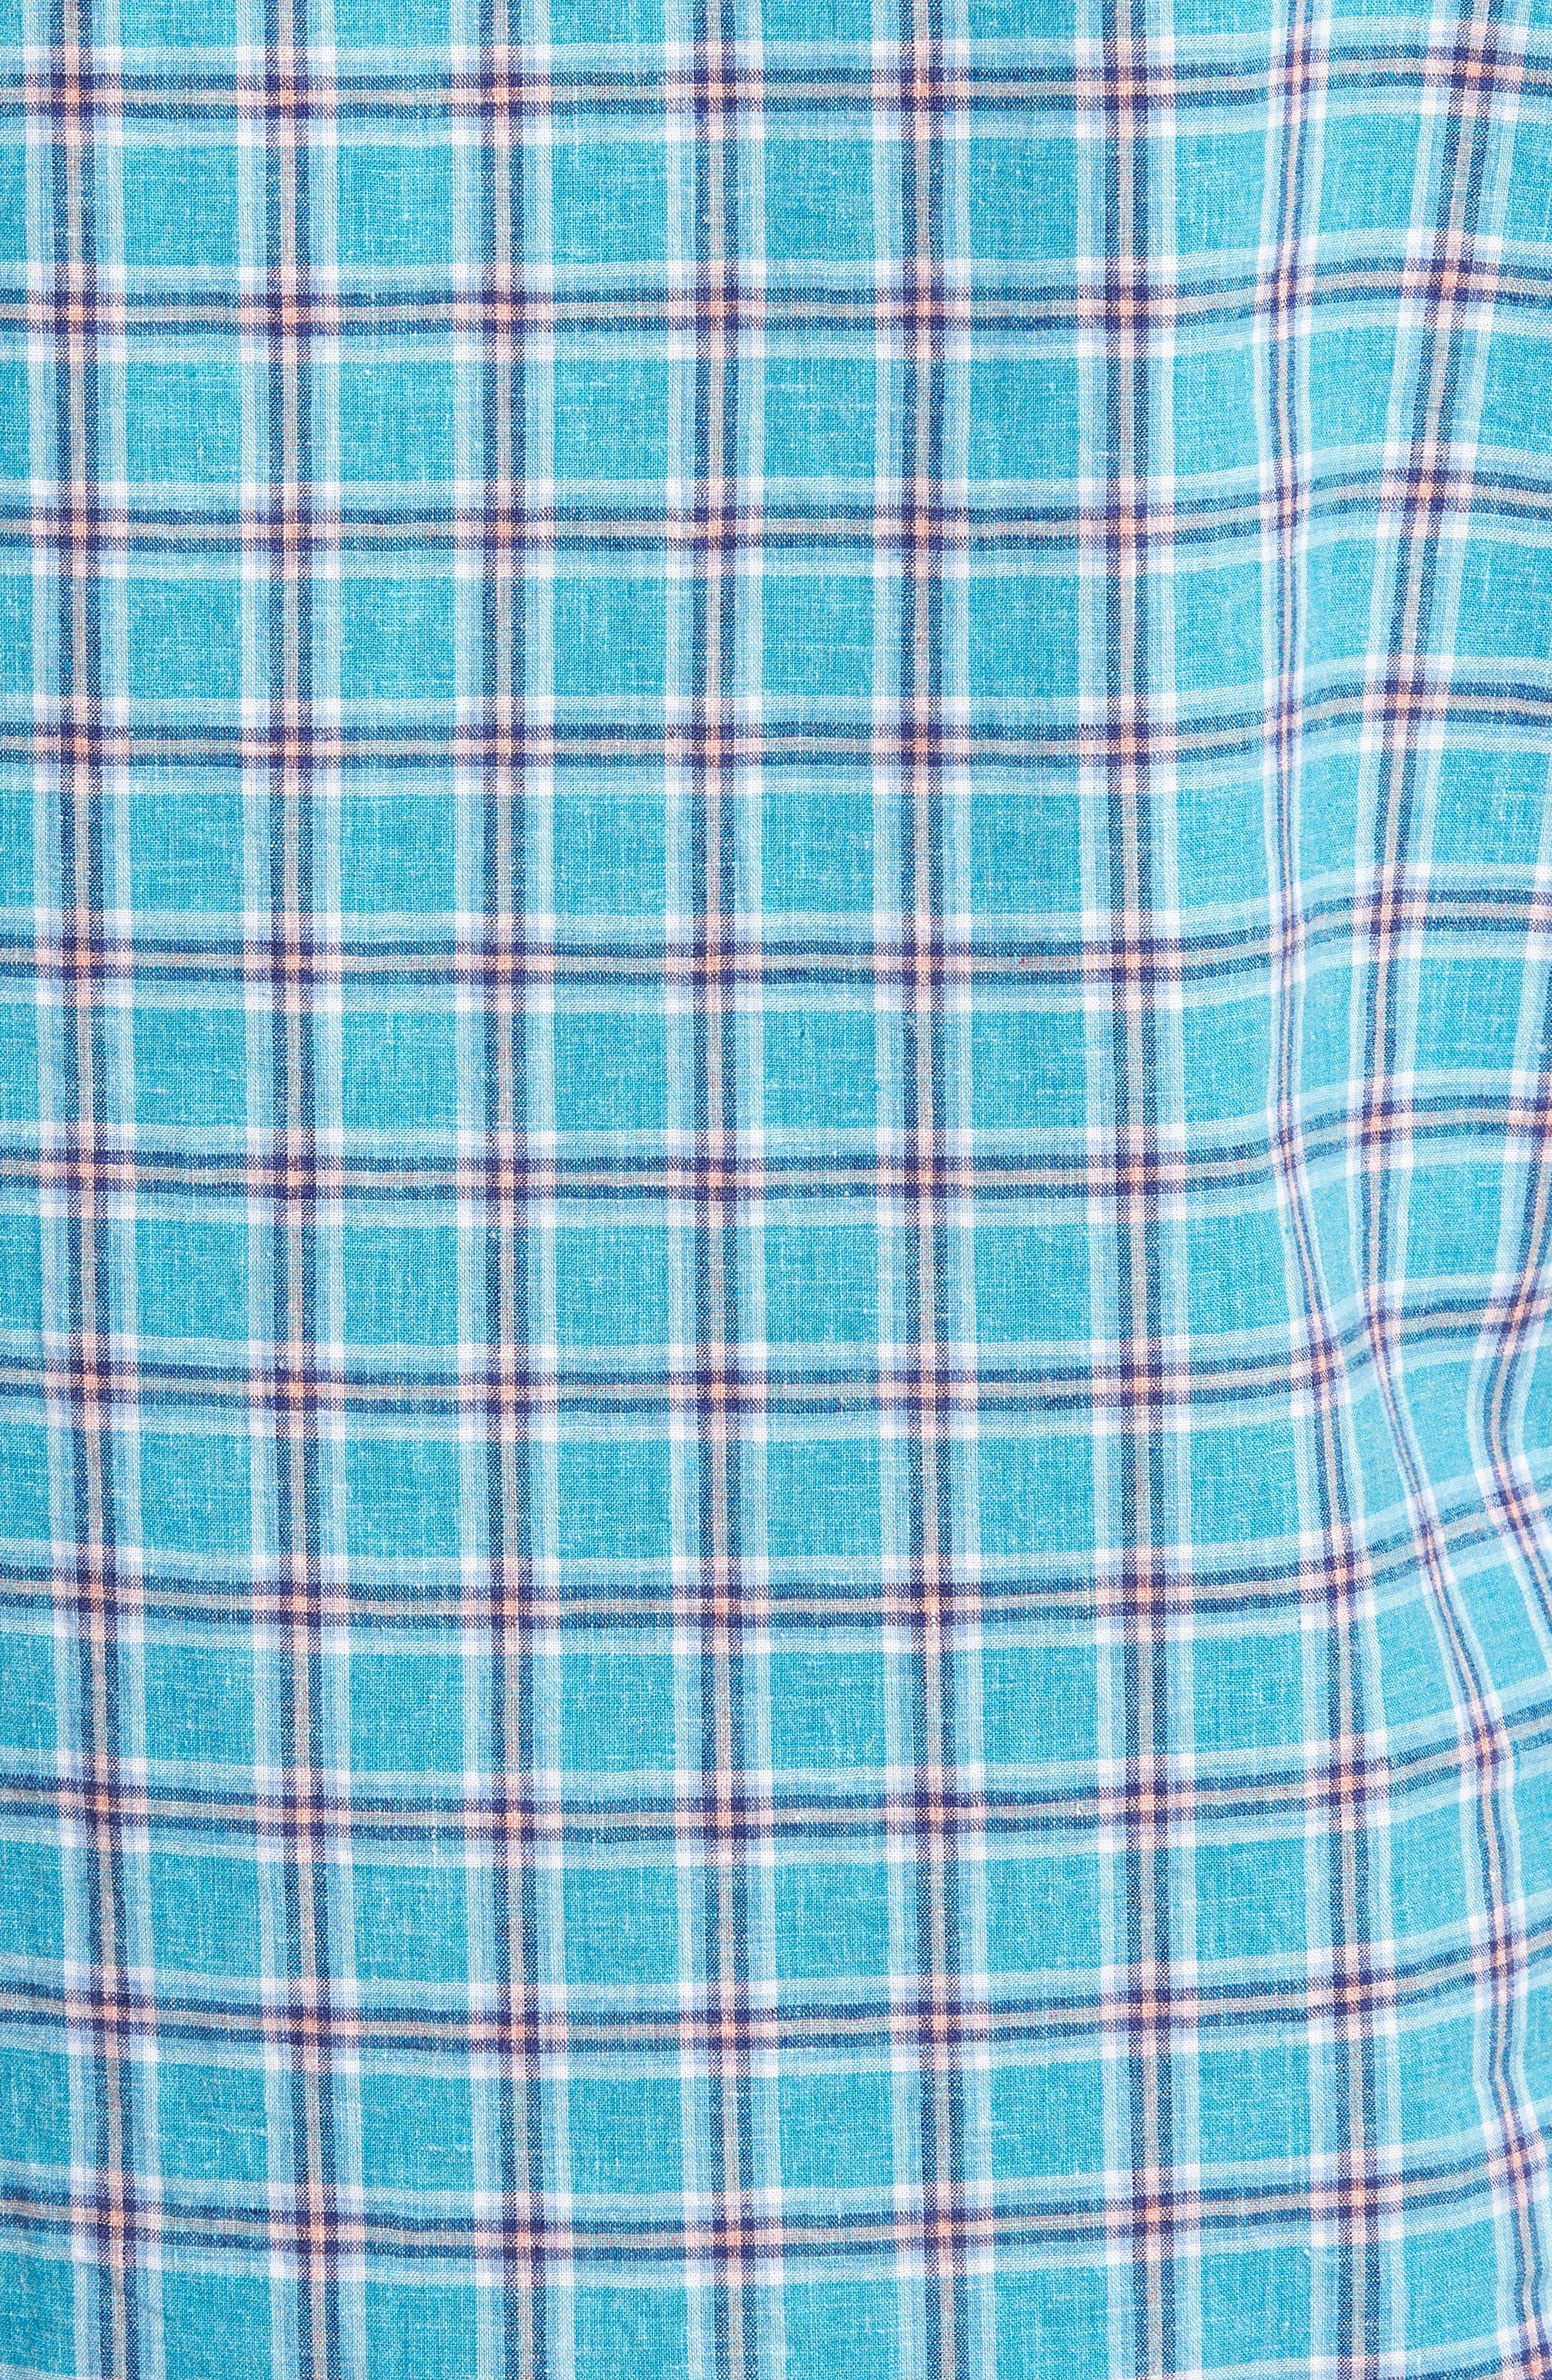 Ivy Trim Fit Plaid Cotton & Linen Sport Shirt,                             Alternate thumbnail 5, color,                             Teal Mosaic Linen Check